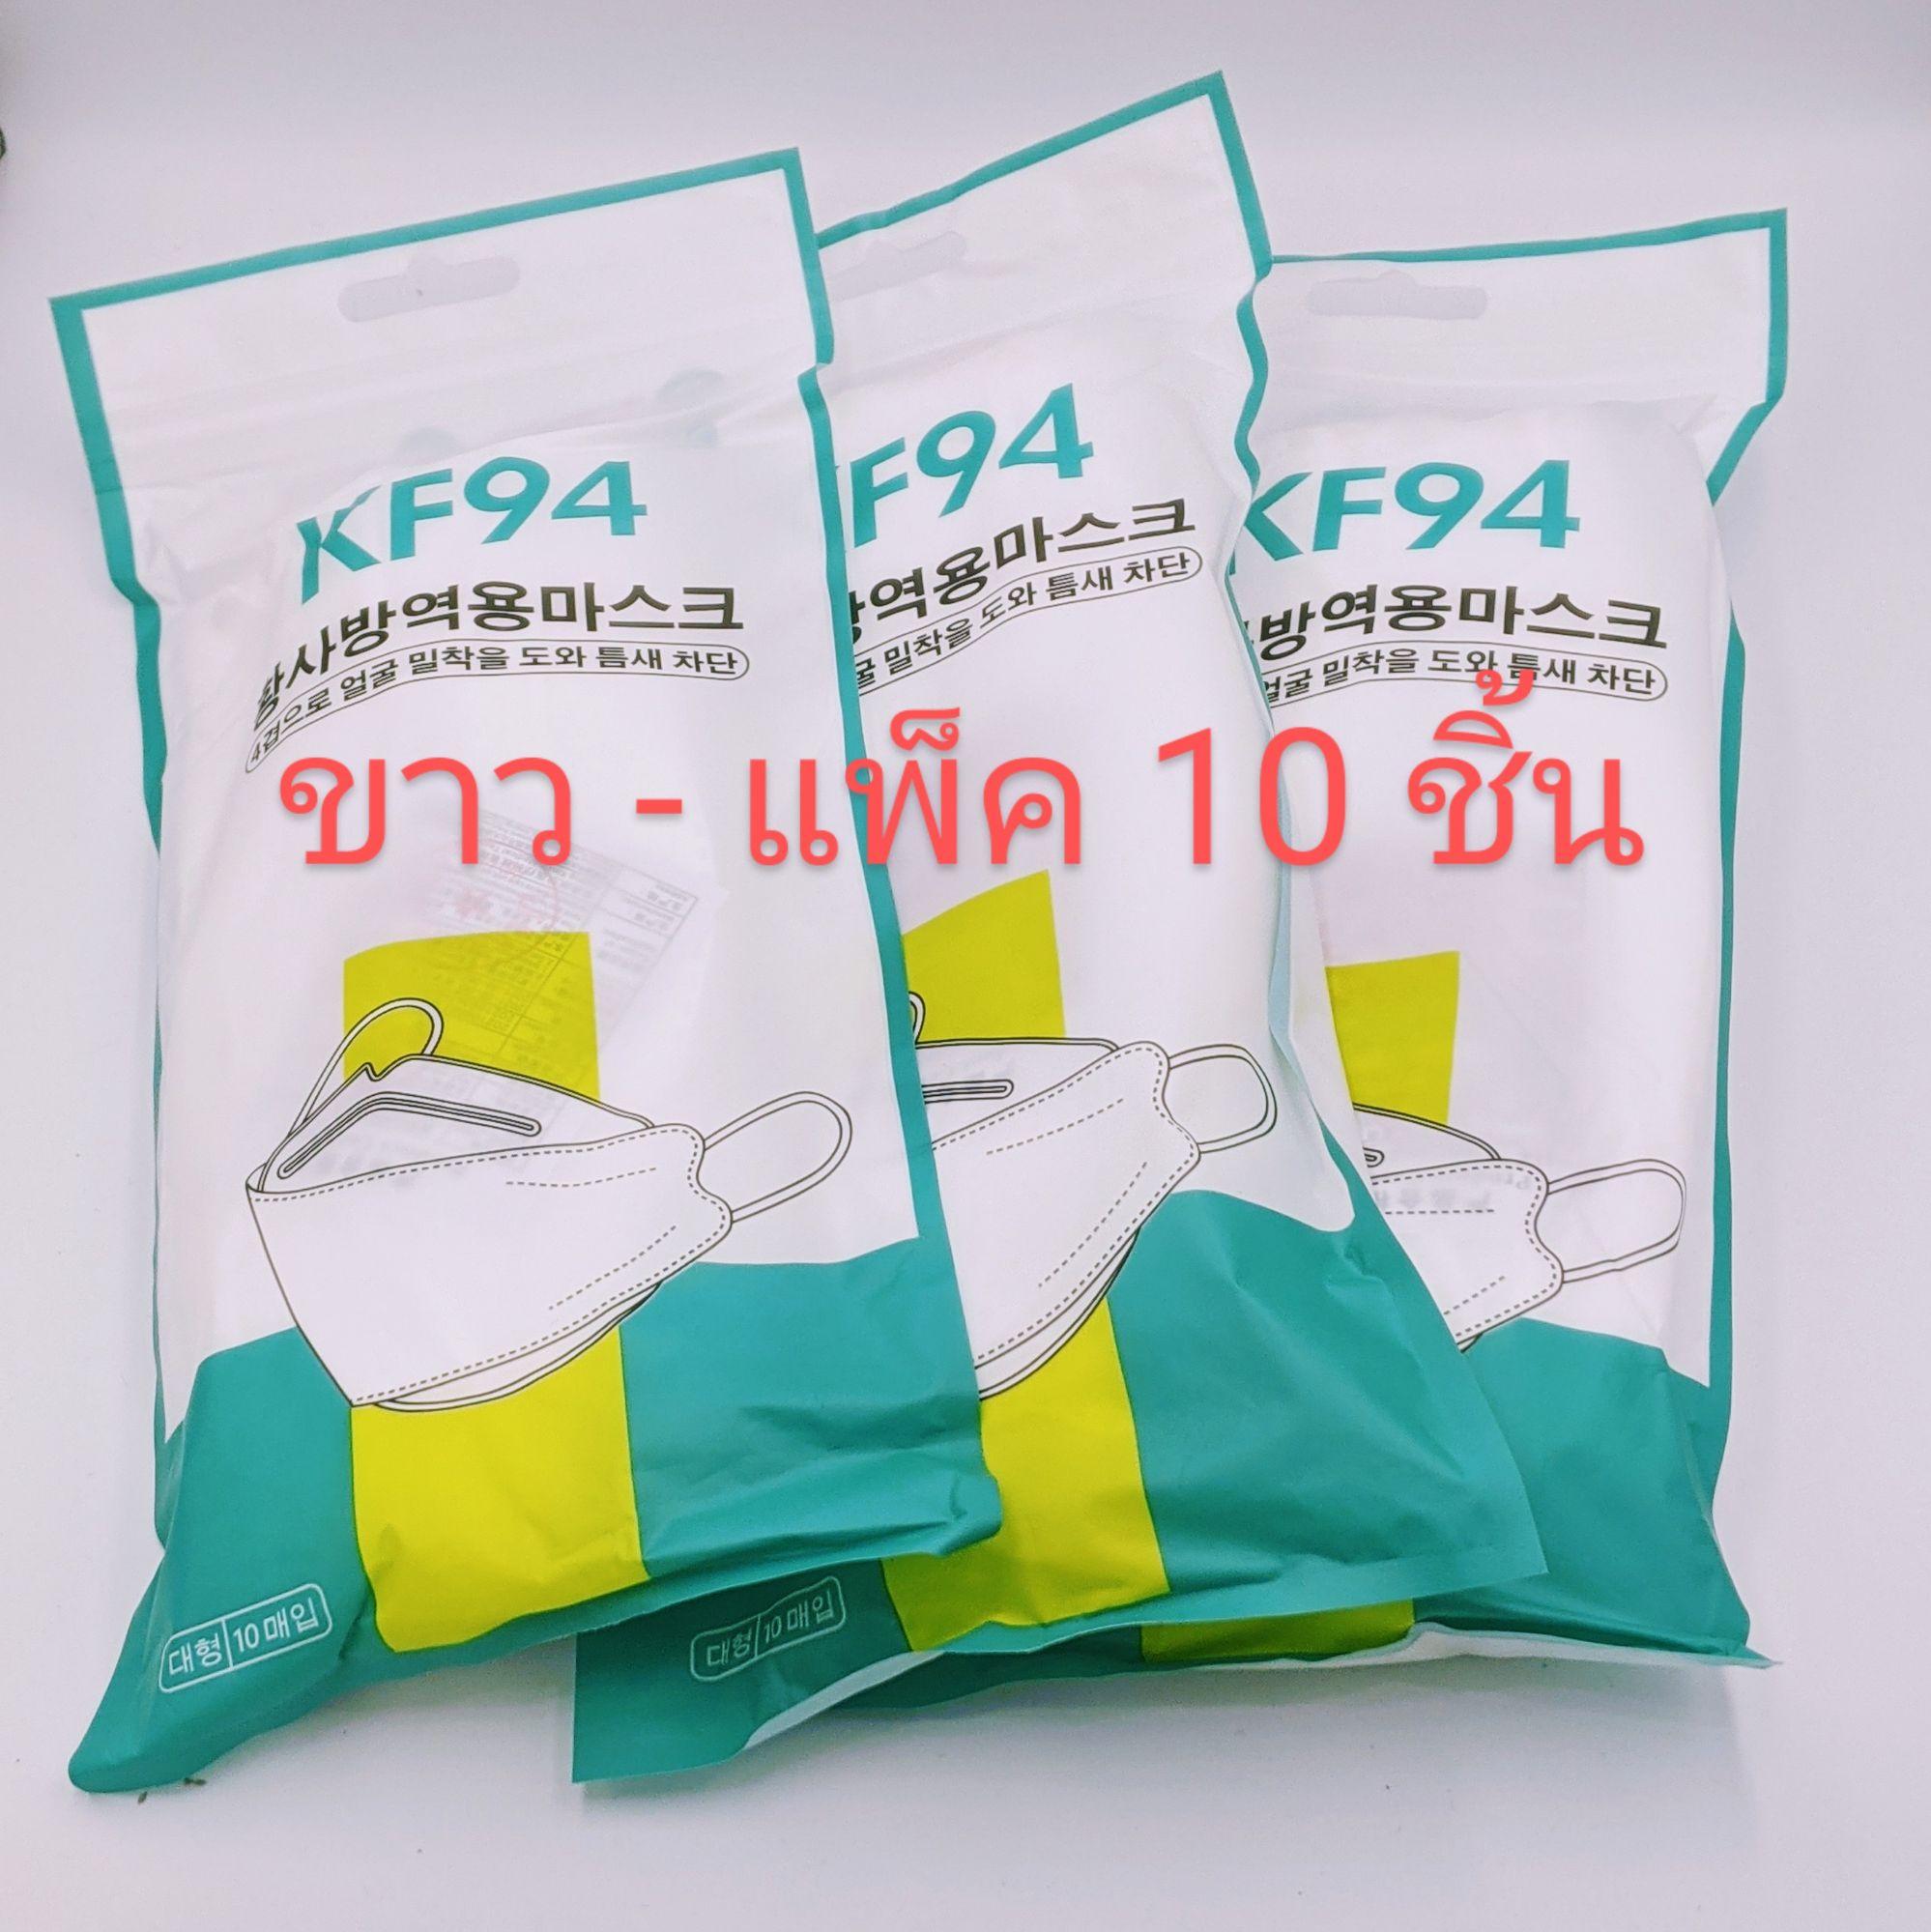 No. 3 ส่งฟรีจากไทย!!! แมสเกาหลีkf94 แท้100 หน้ากากอนามัยทรงเกาหลี สีขาว แพ็ค 10 ชิ้น กรอง 4 ชั้น ป้องกันเชื้อ และ PM 2.5 ใส่กระชับหน้า แต่หายใจสะดว